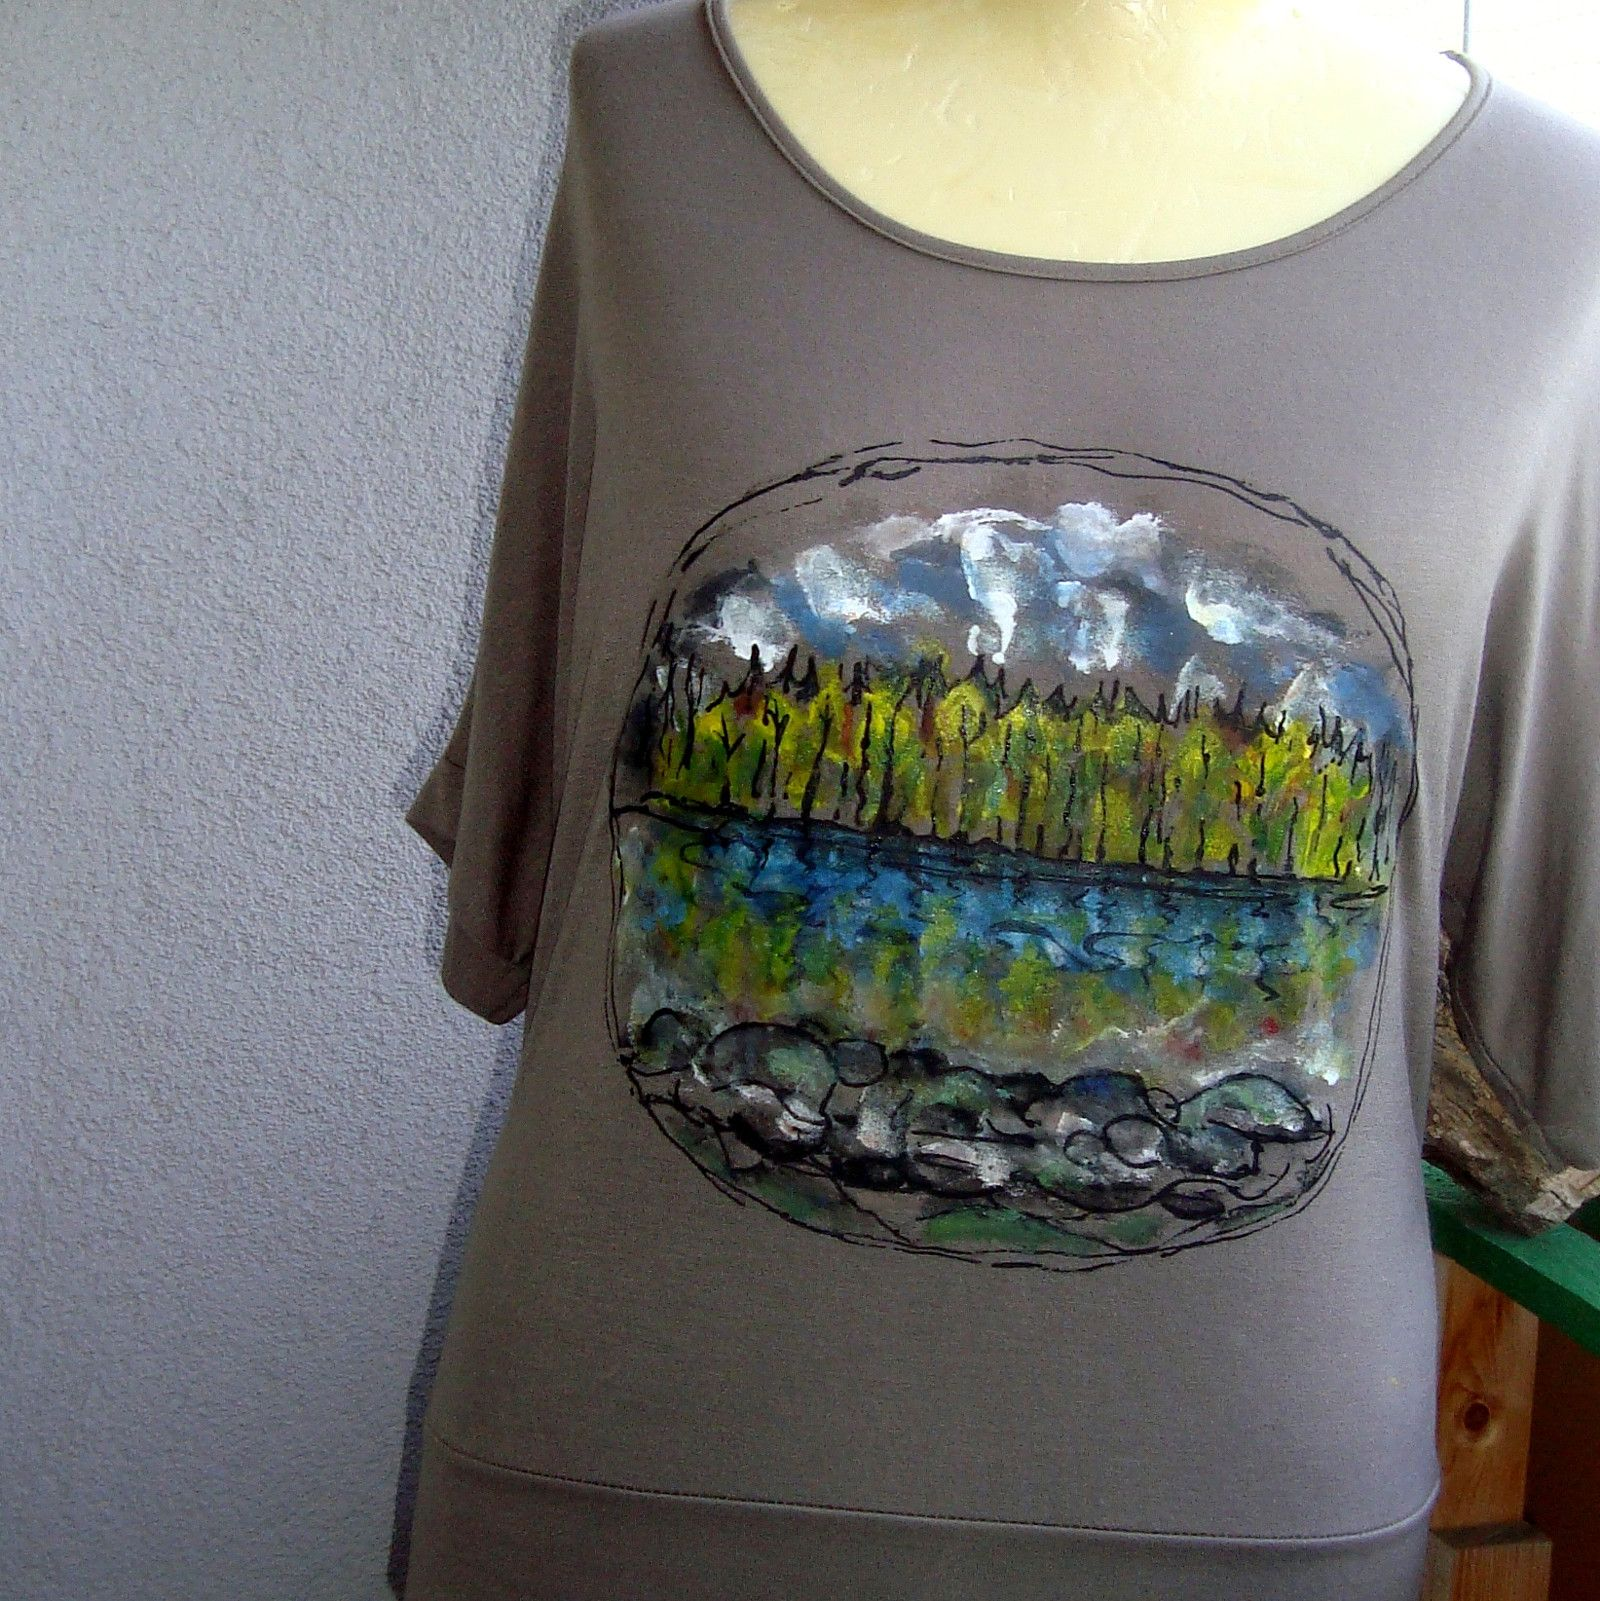 1bd73f8fa0e1 Malované+tričko-Kolem+řeky+Sázavy+Kvalitní+ šedohnědé+tričko+s ...